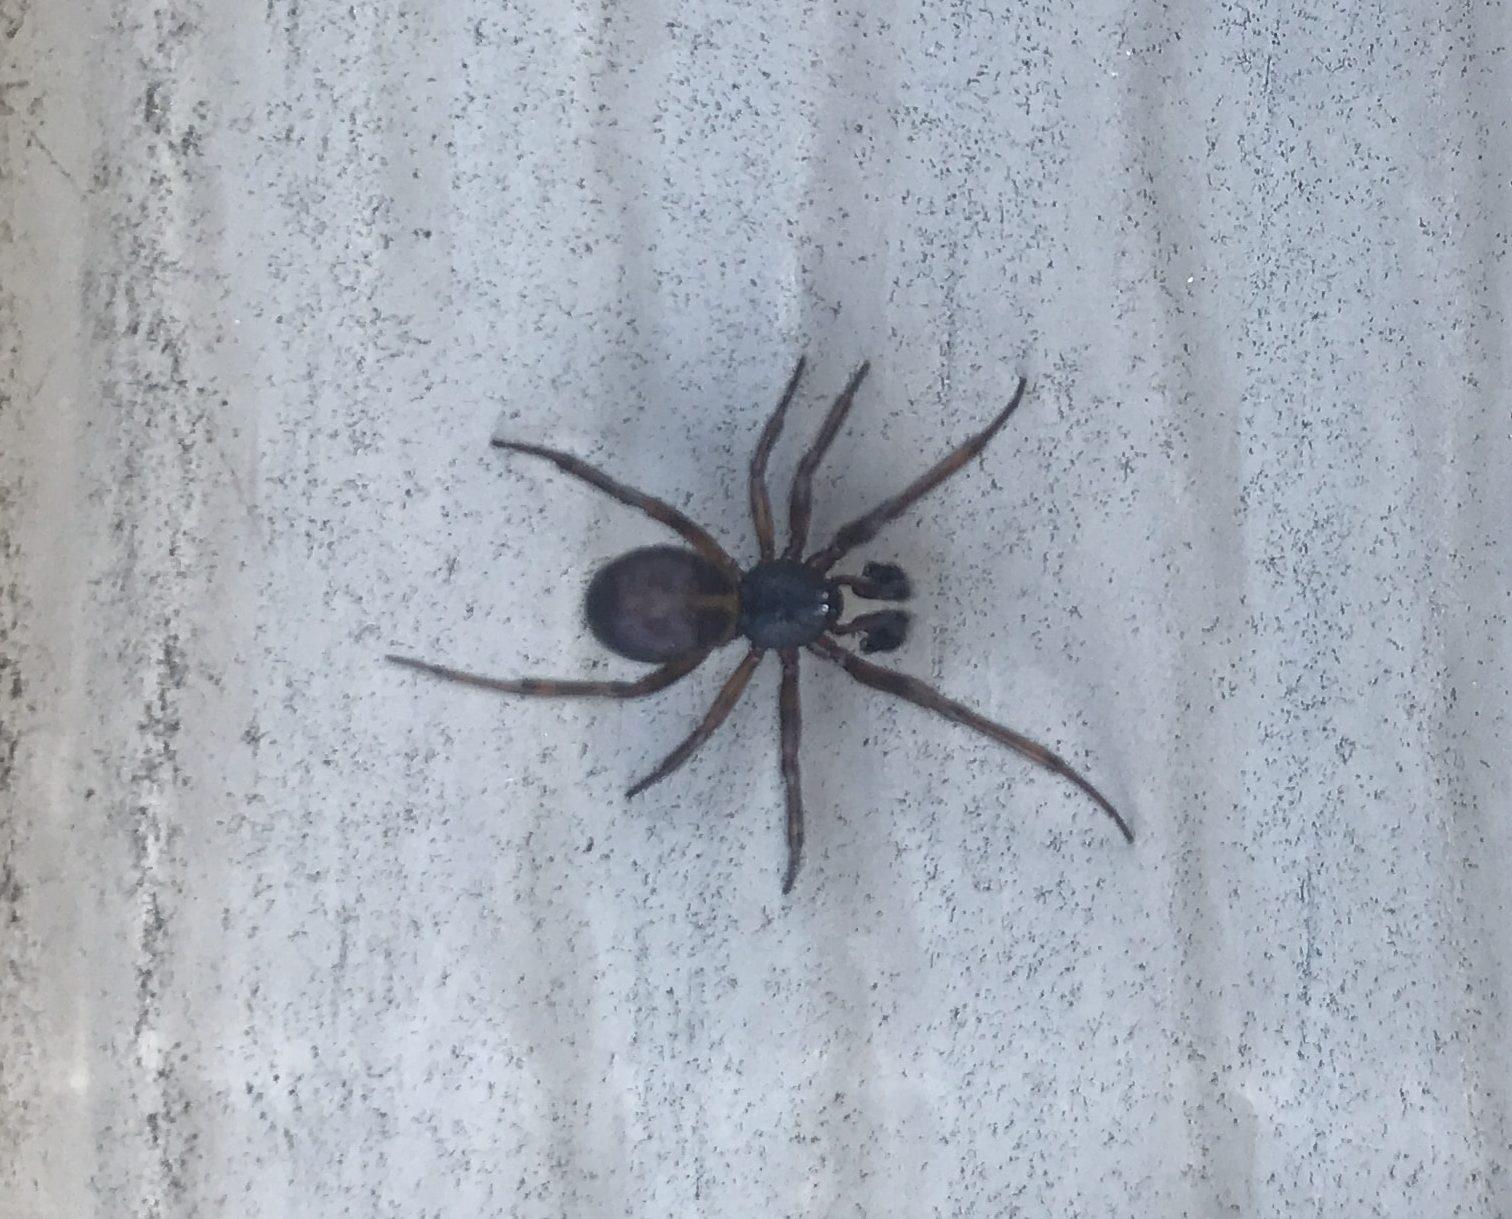 Picture of Steatoda borealis - Male